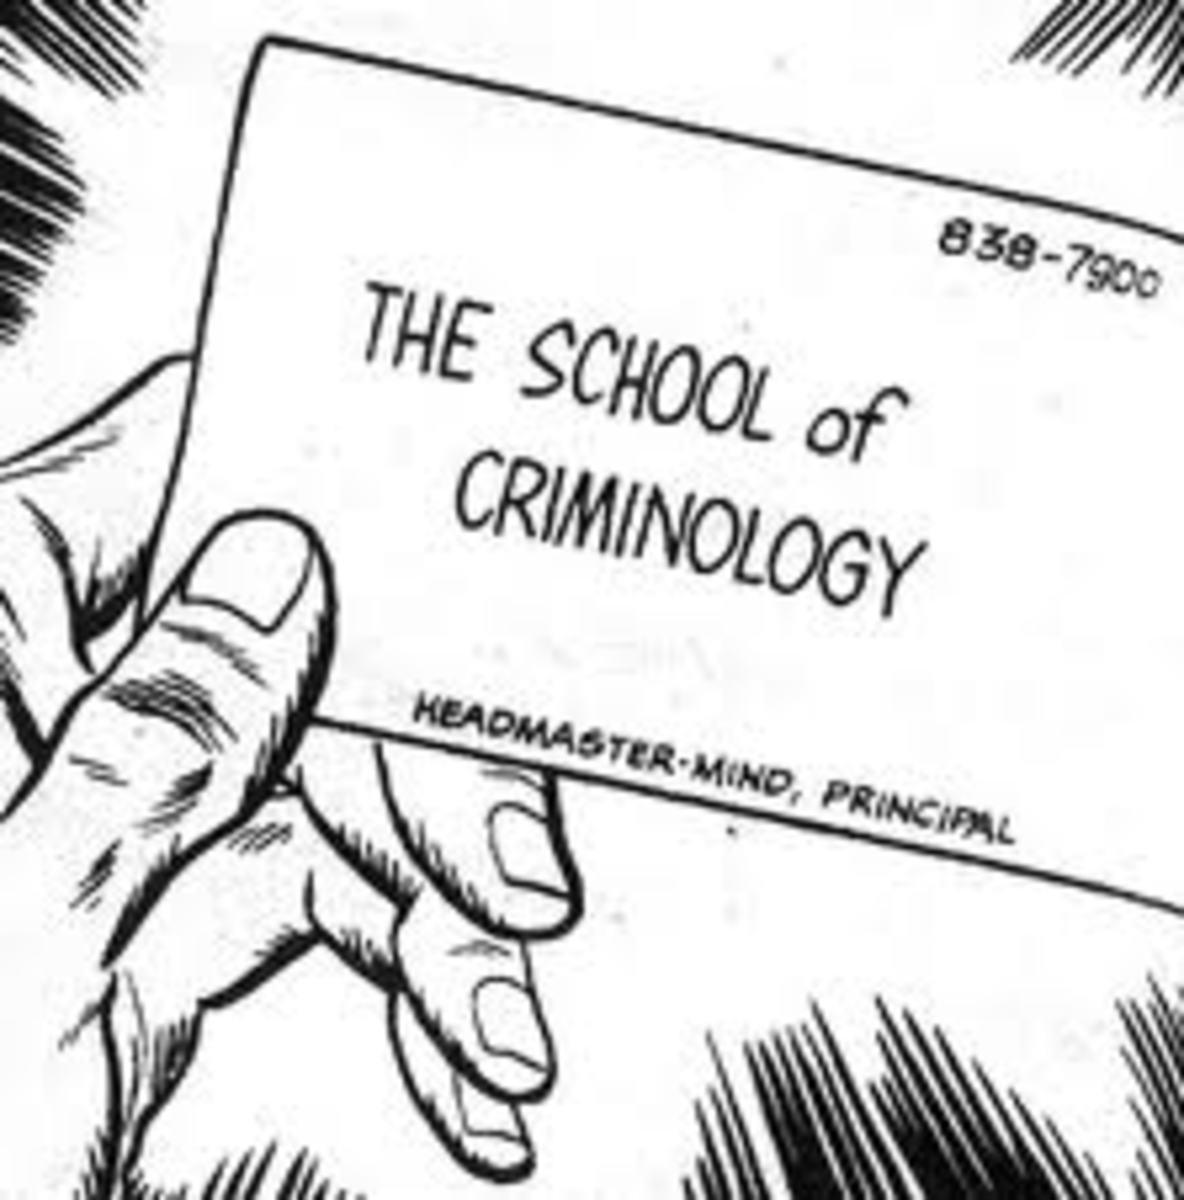 Schools of Criminology